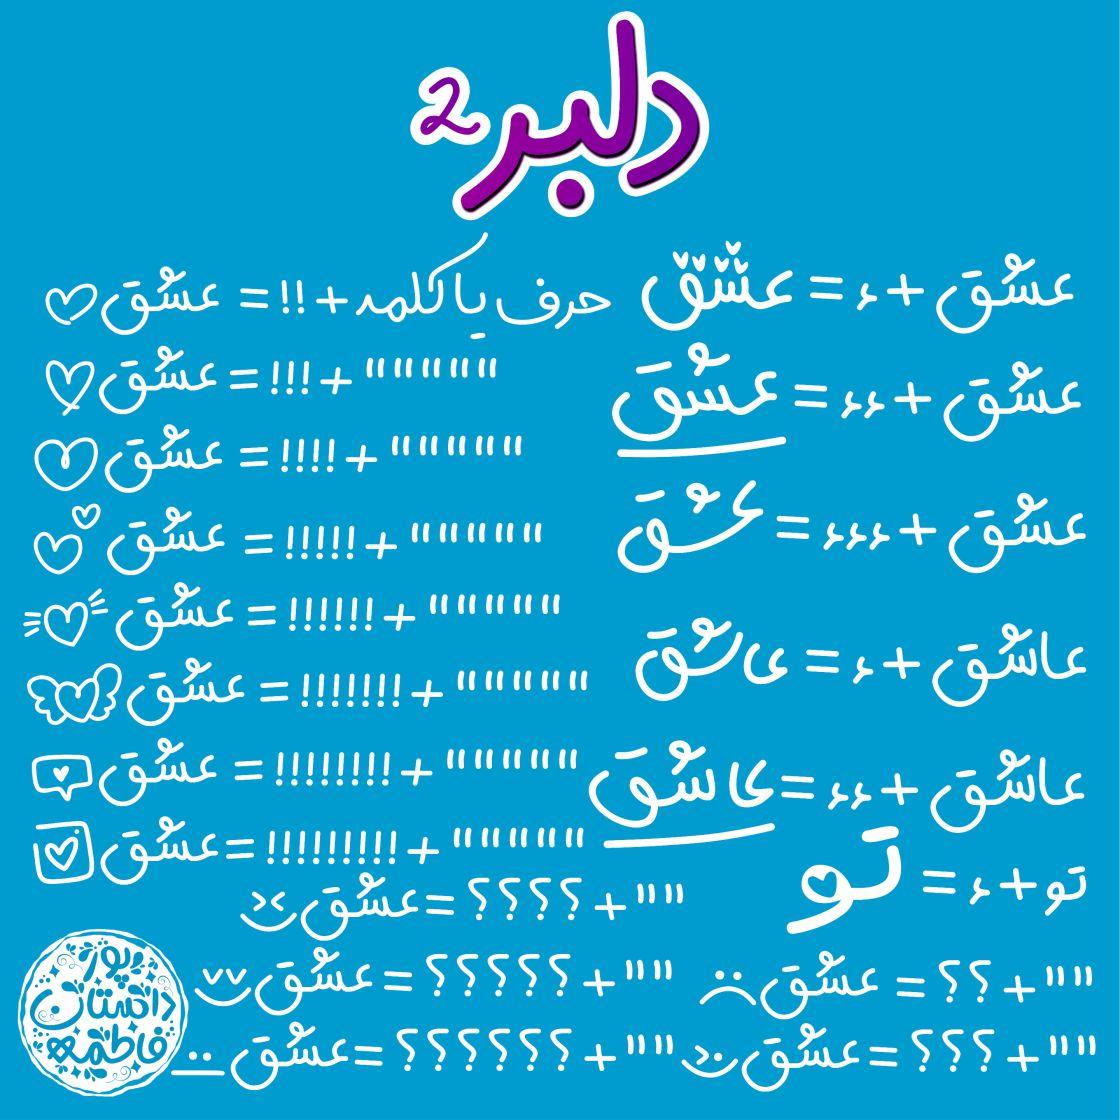 فونت فارسی دلبر2 راهنمای شماره2